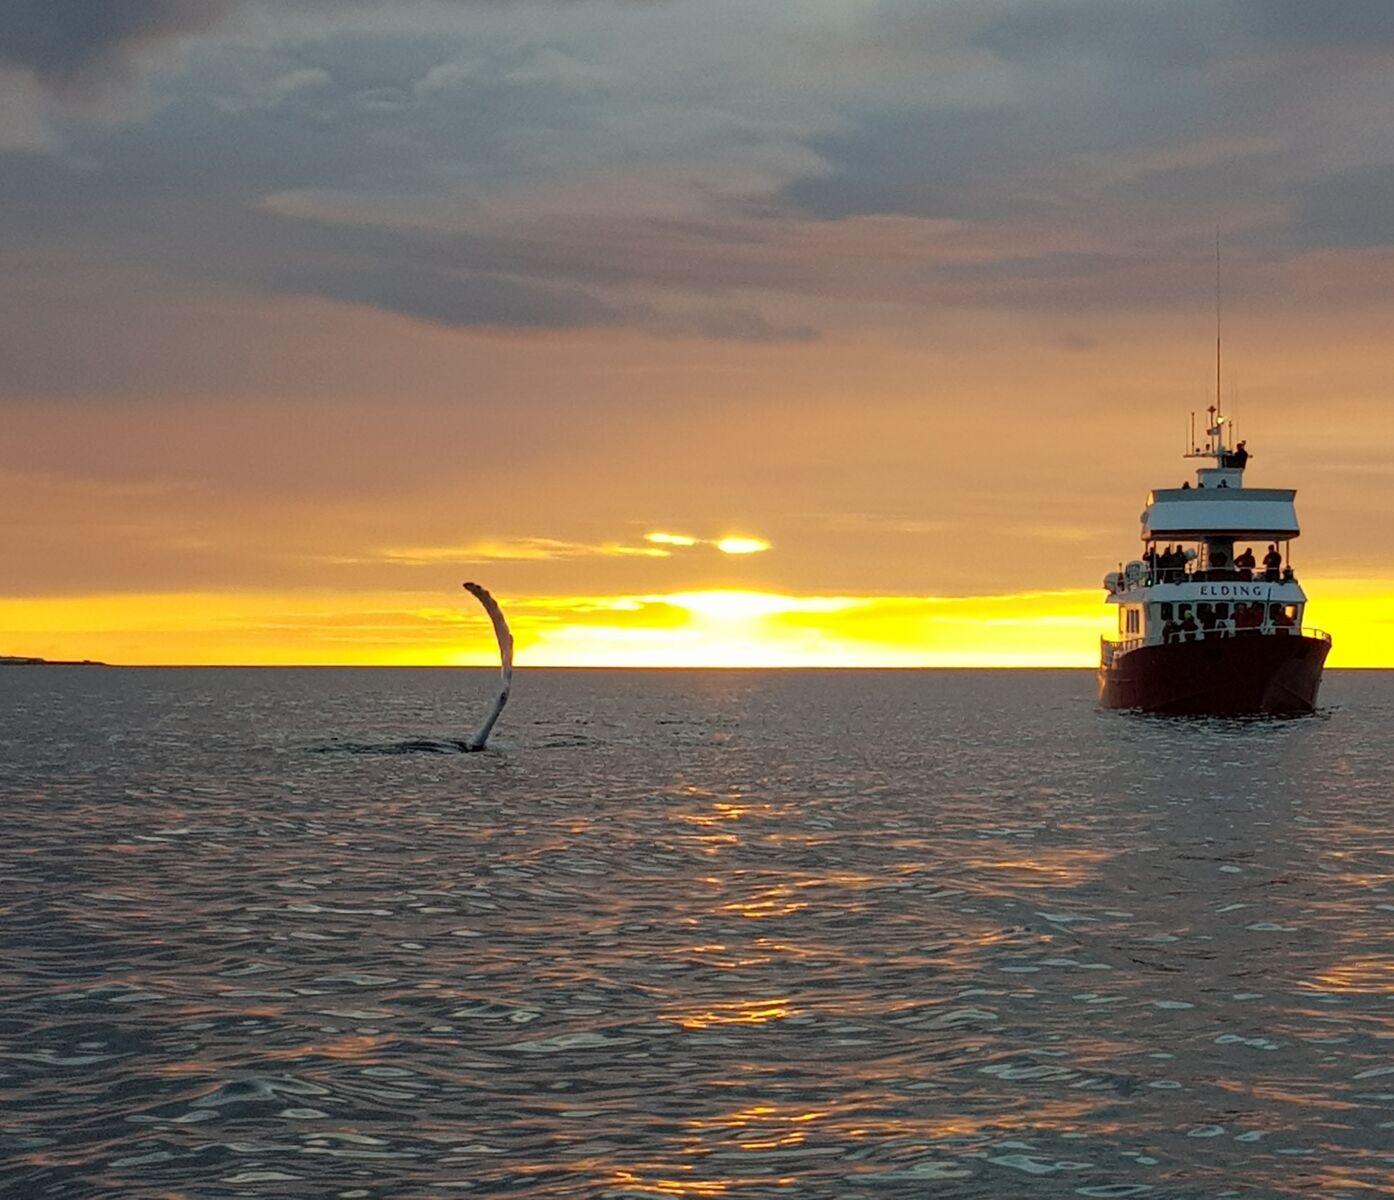 แสงพระอาทิตย์เที่ยงคืนแย้มที่ท้องฟ้าขณะที่วาฬกำลังโผล่มาที่หน้าน้ำ